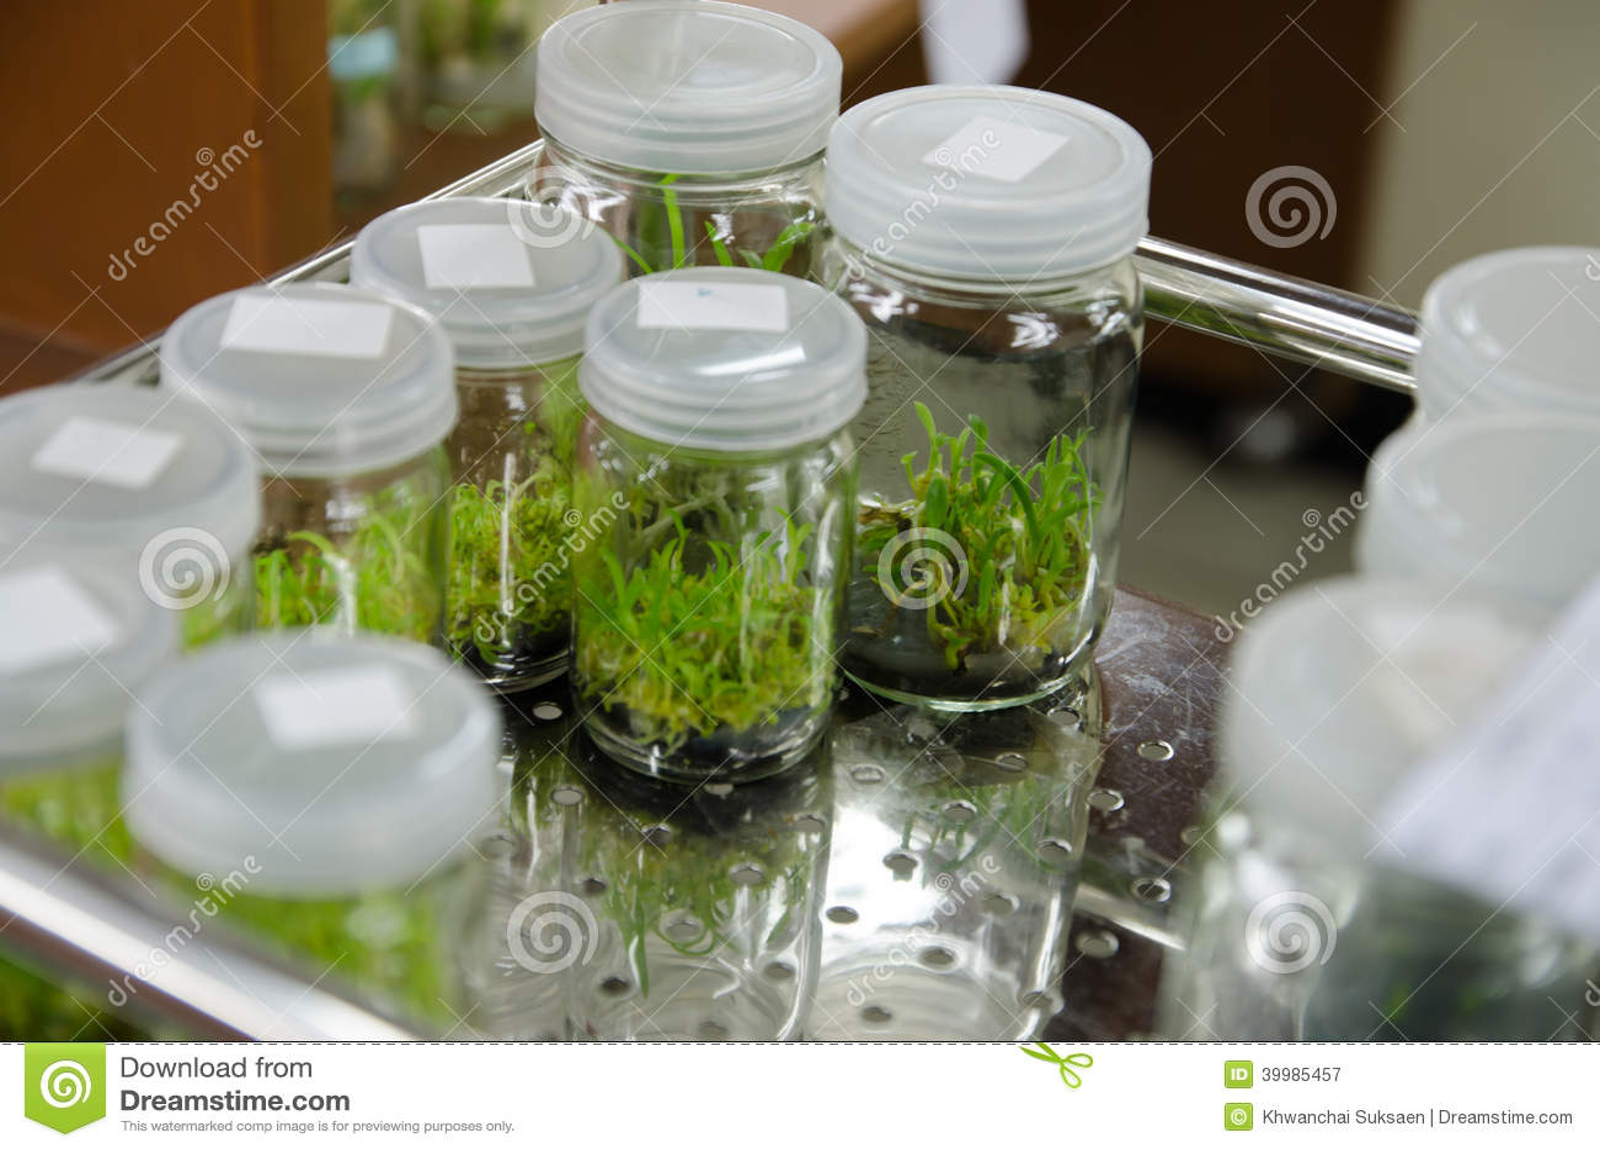 Business plan plant tissue culture lab